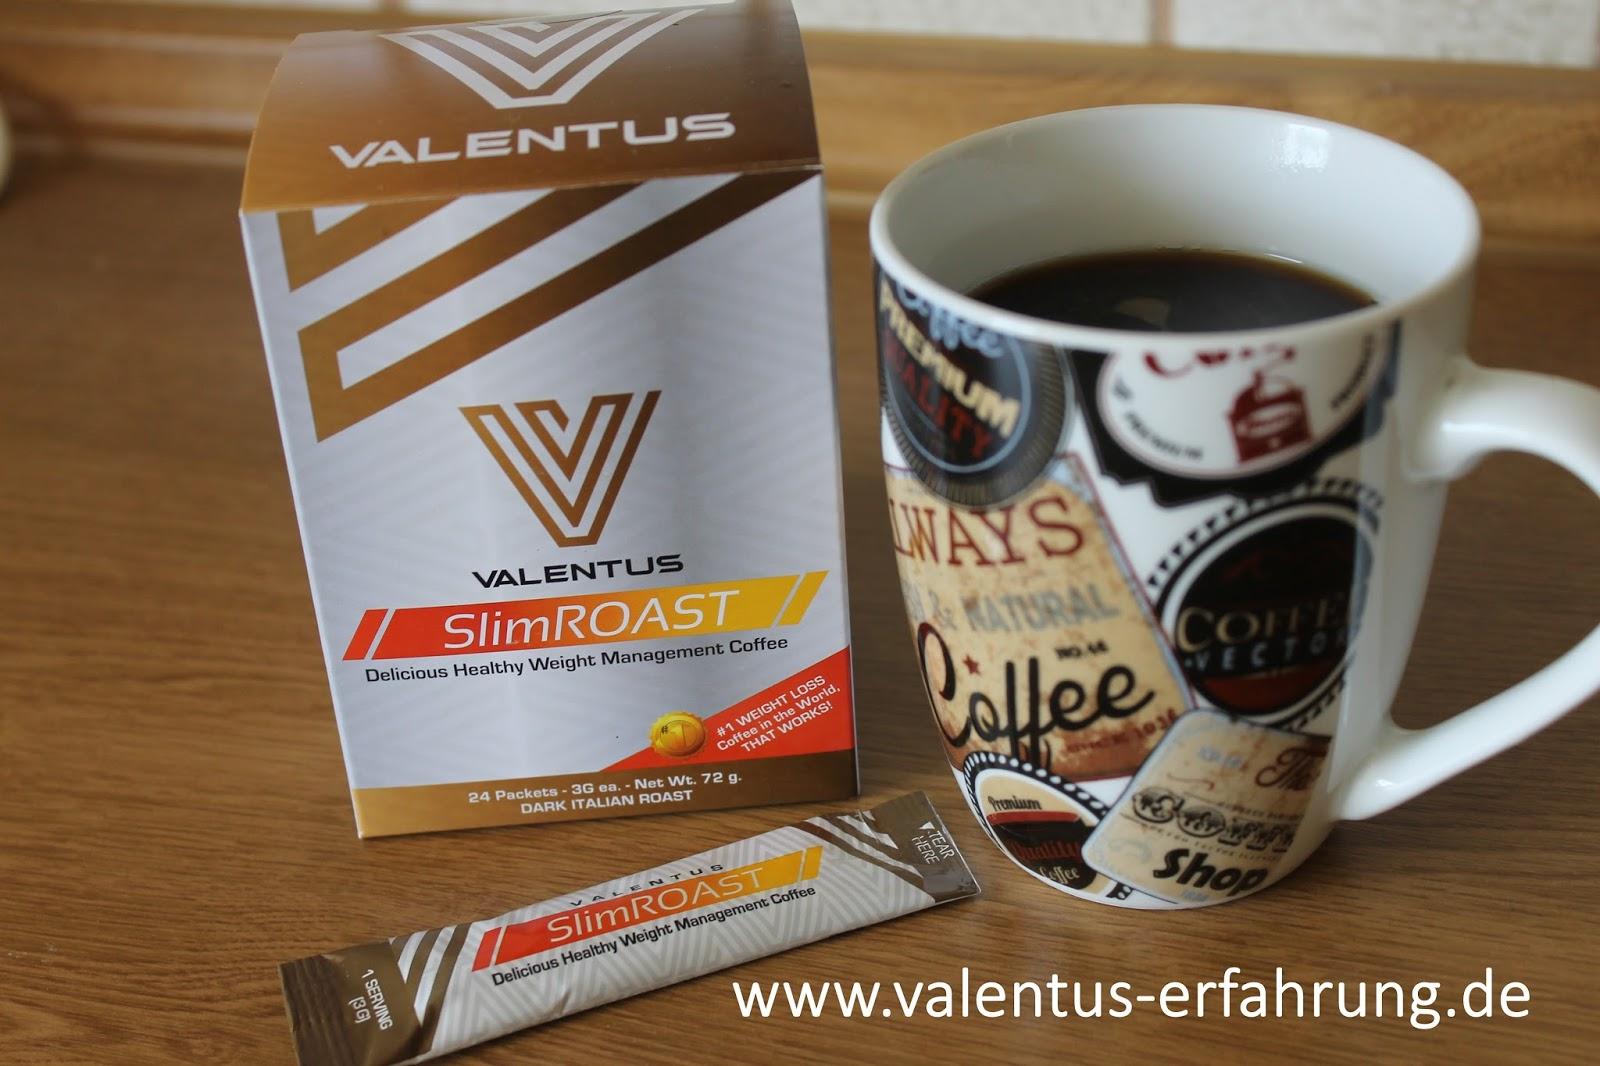 Kaffee zum Abnehmen Valentus